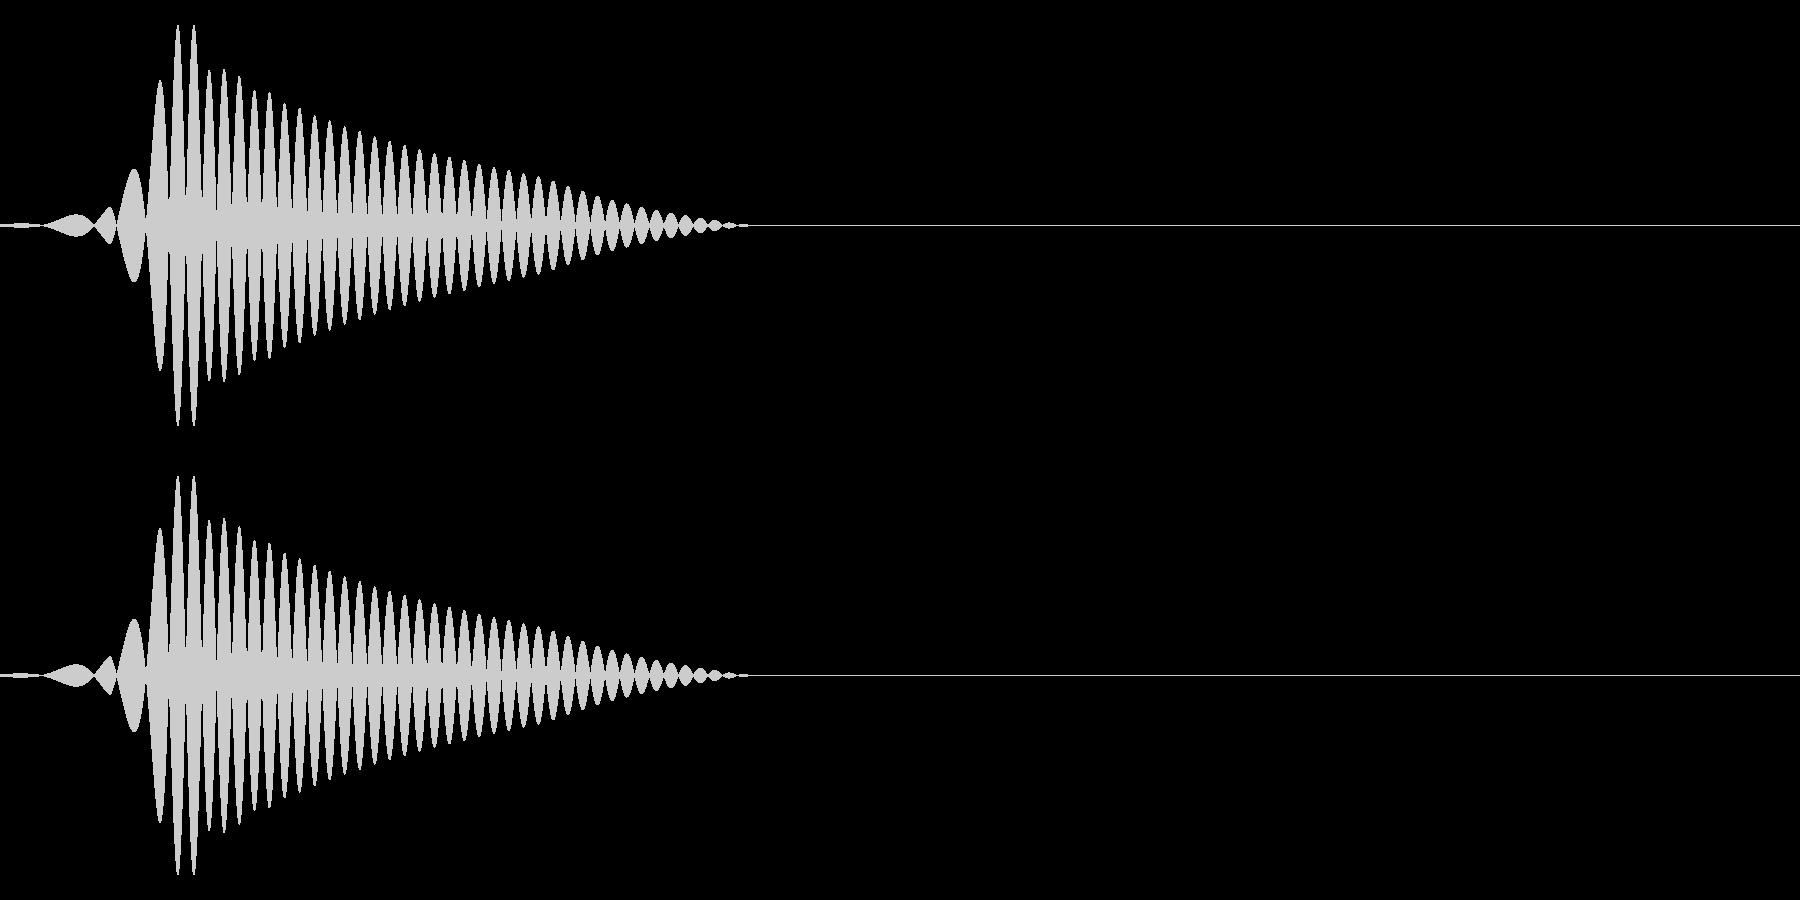 ポォンッ(短めの音色)の未再生の波形